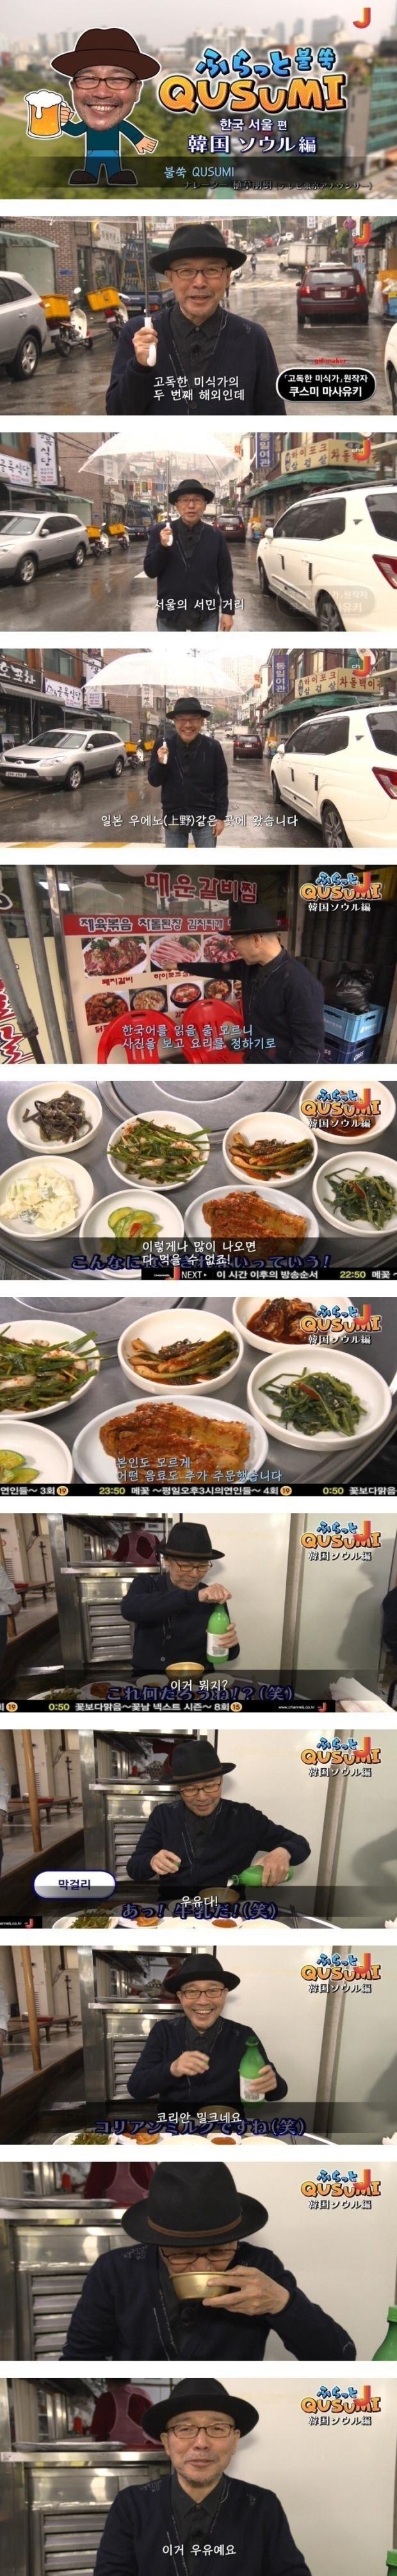 한국식당은 밥먹을 때 우유를 주네요